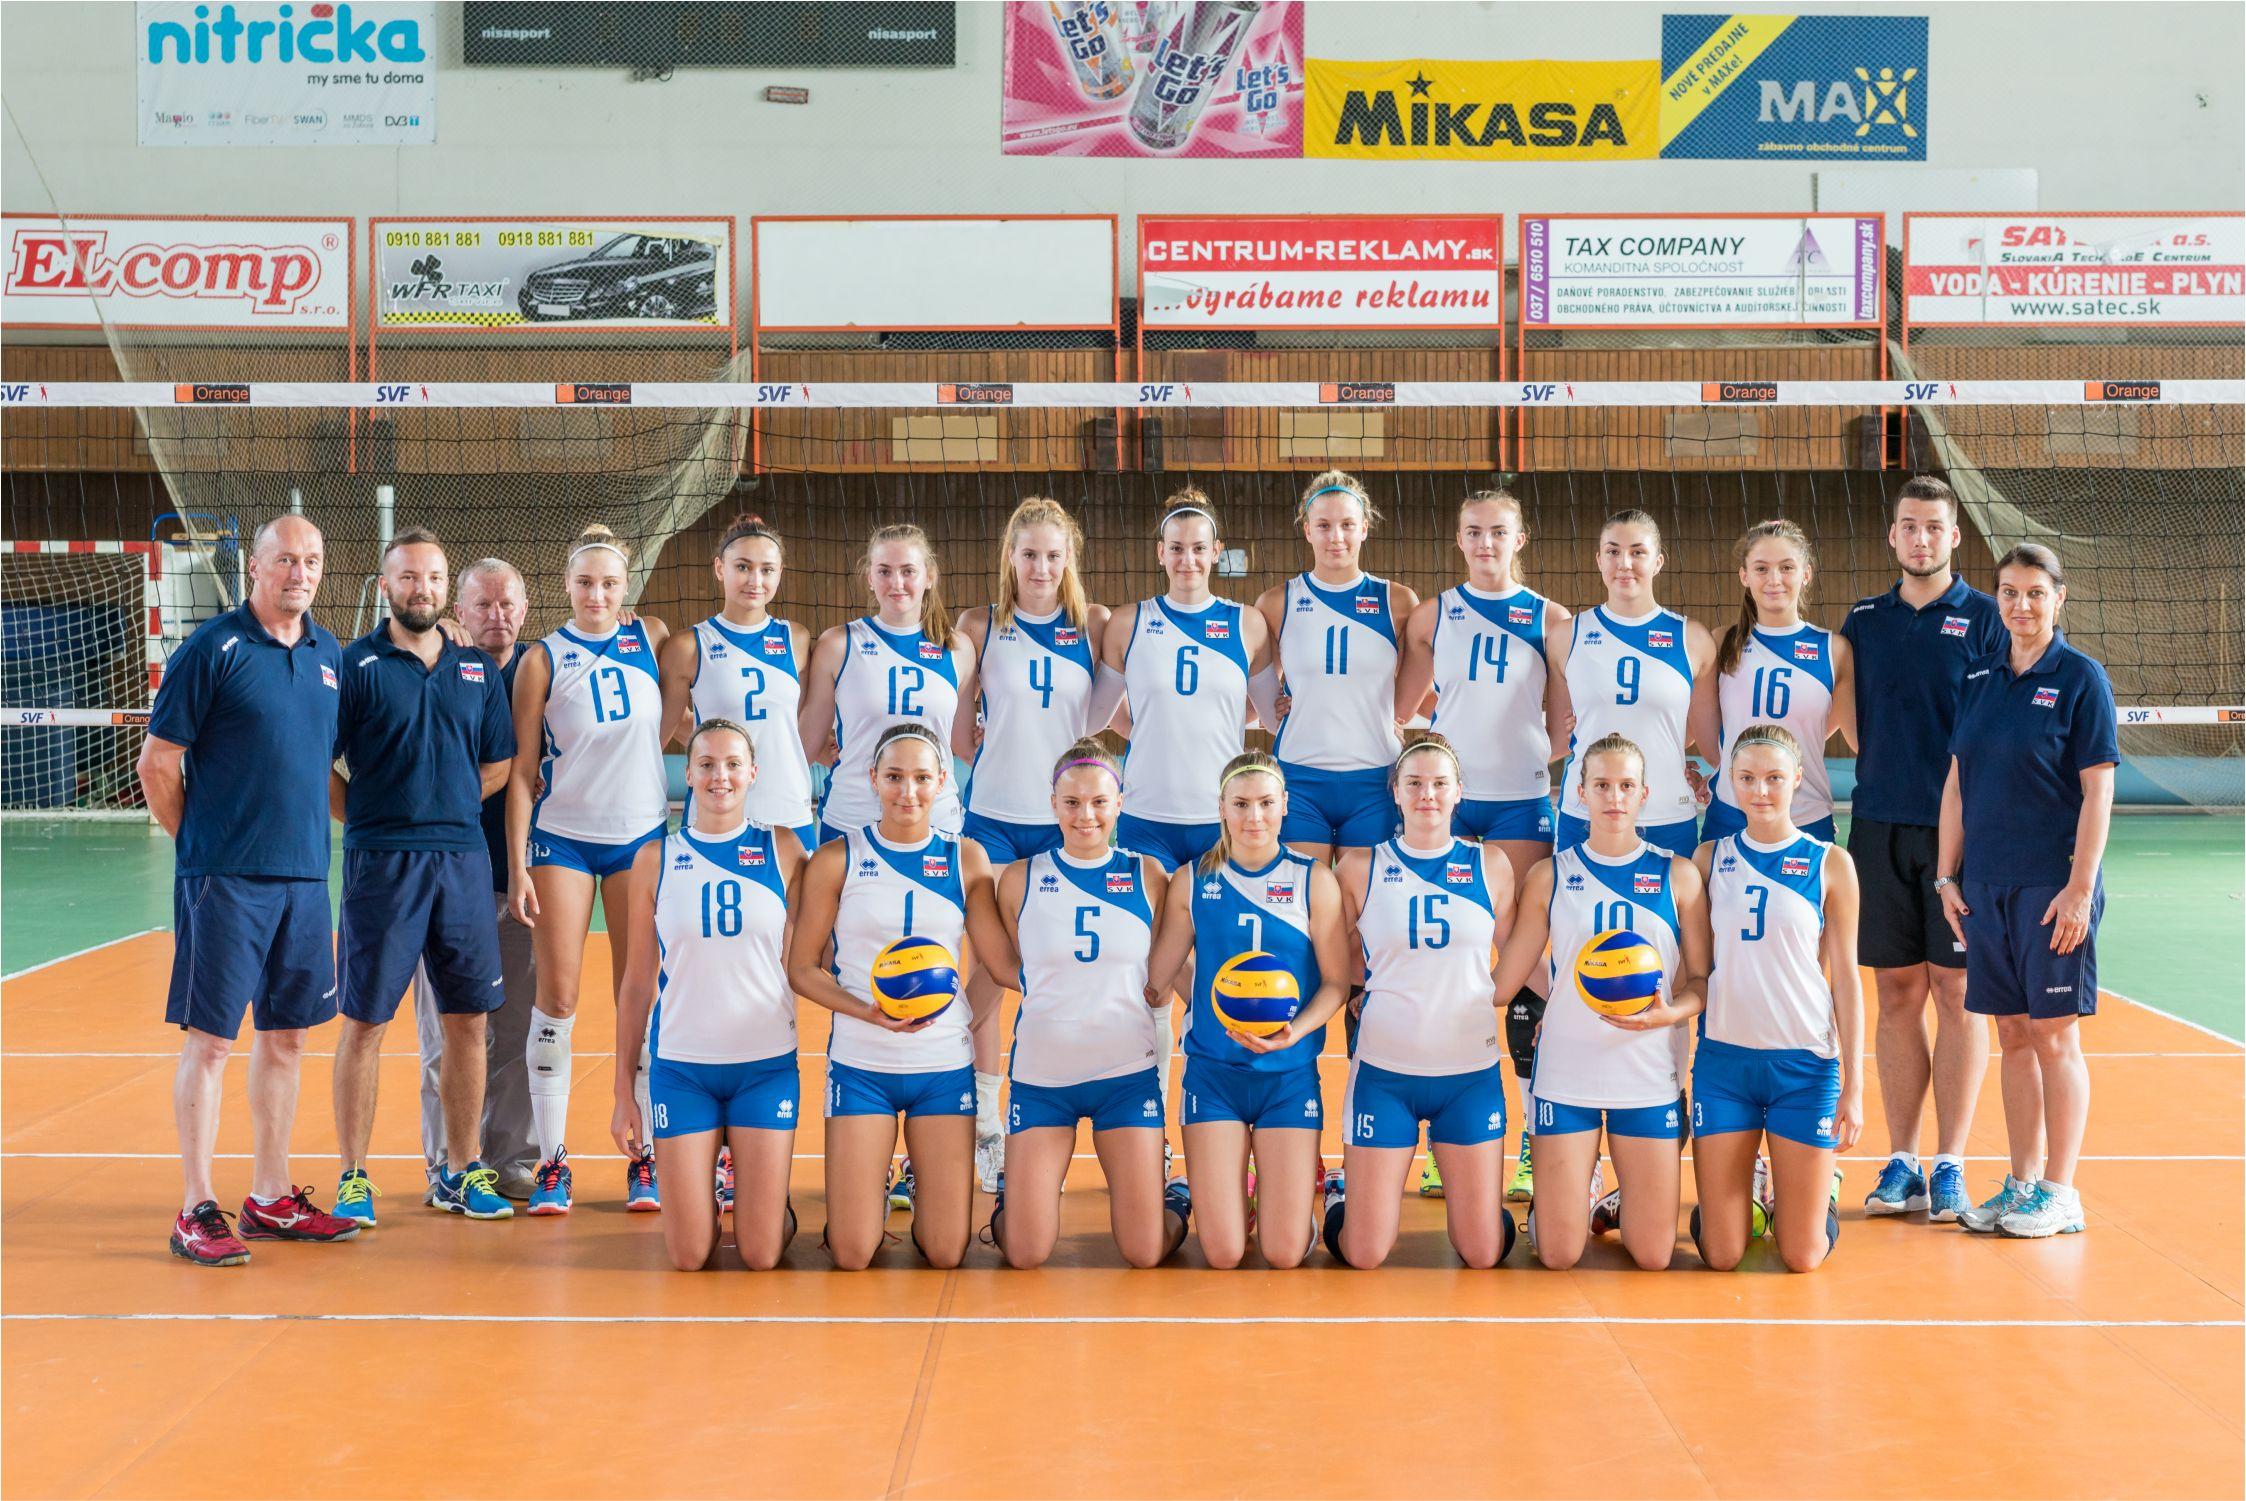 1e1bb8245 V Nitre sa uskutočnia majstrovstvá Európy ž - Kam v meste   moja Nitra